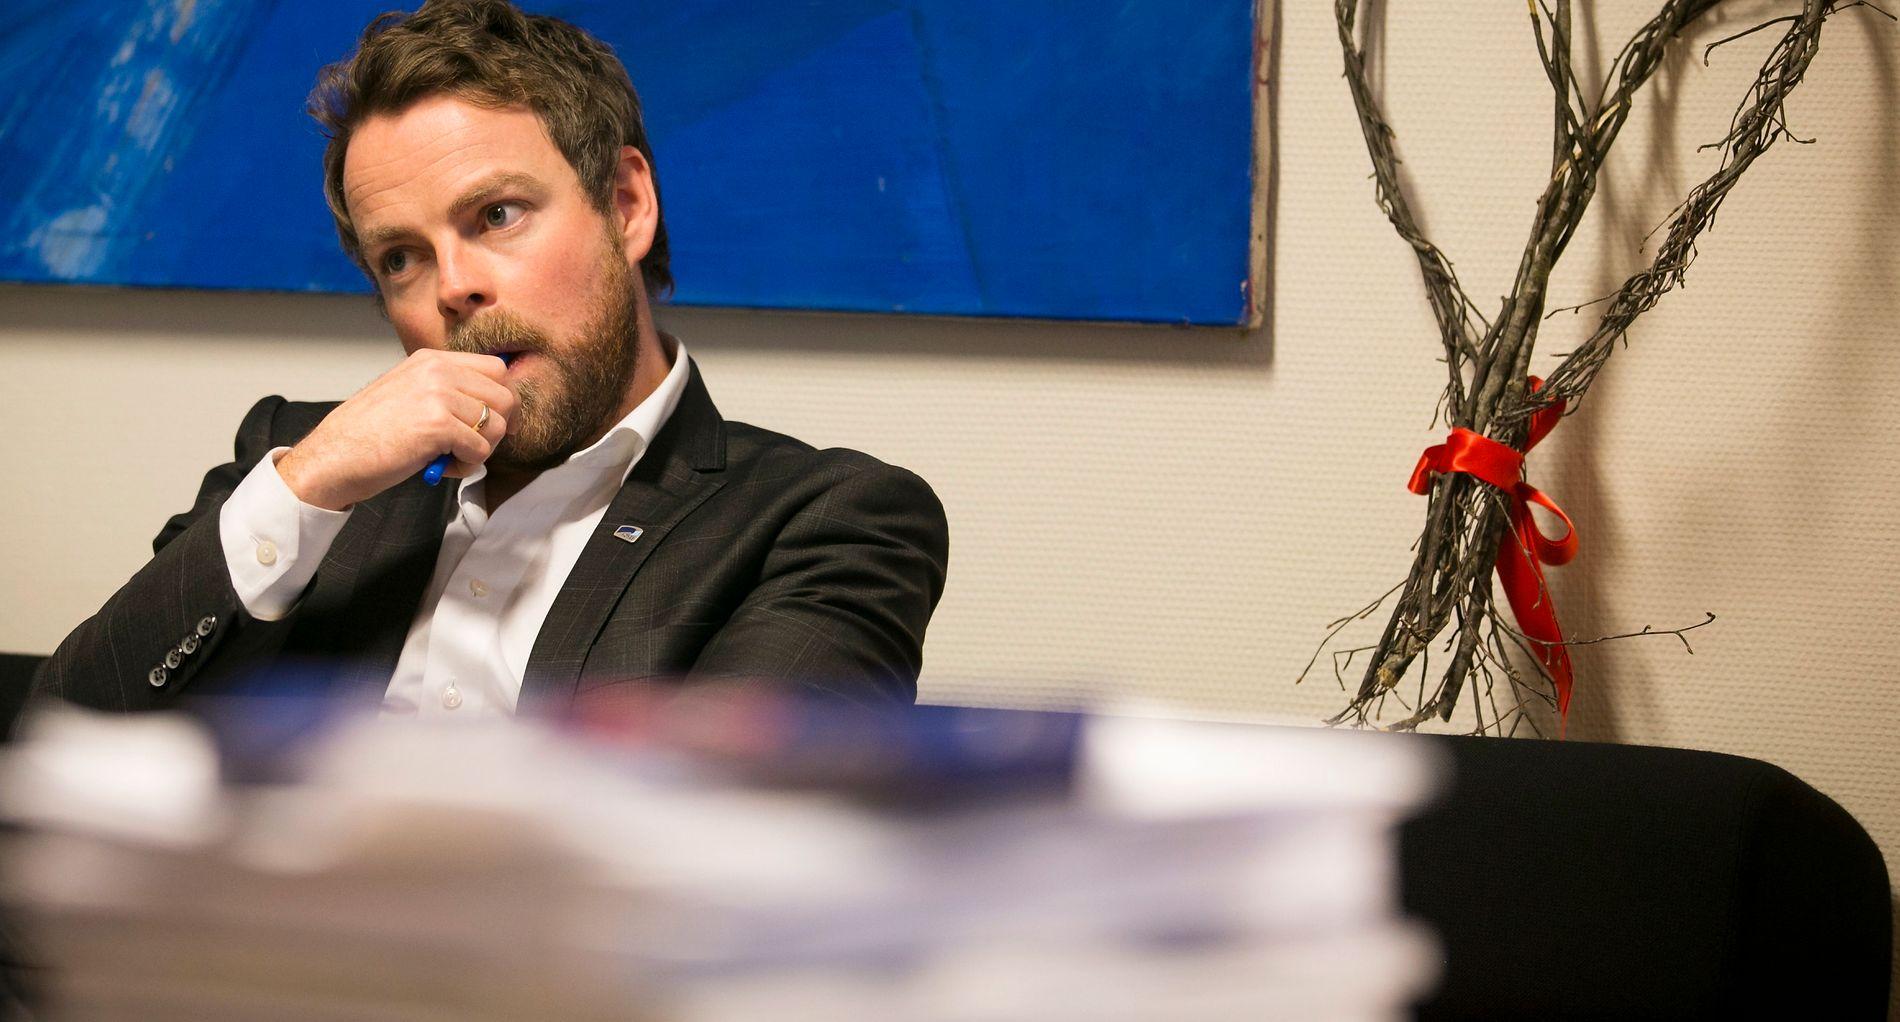 RÅDGIVER: Kunnskapsminister Torbjørn Røe Isaksen, som selv er utdannet statsviter, anbefaler læreryrket til søkere som er i tvil.